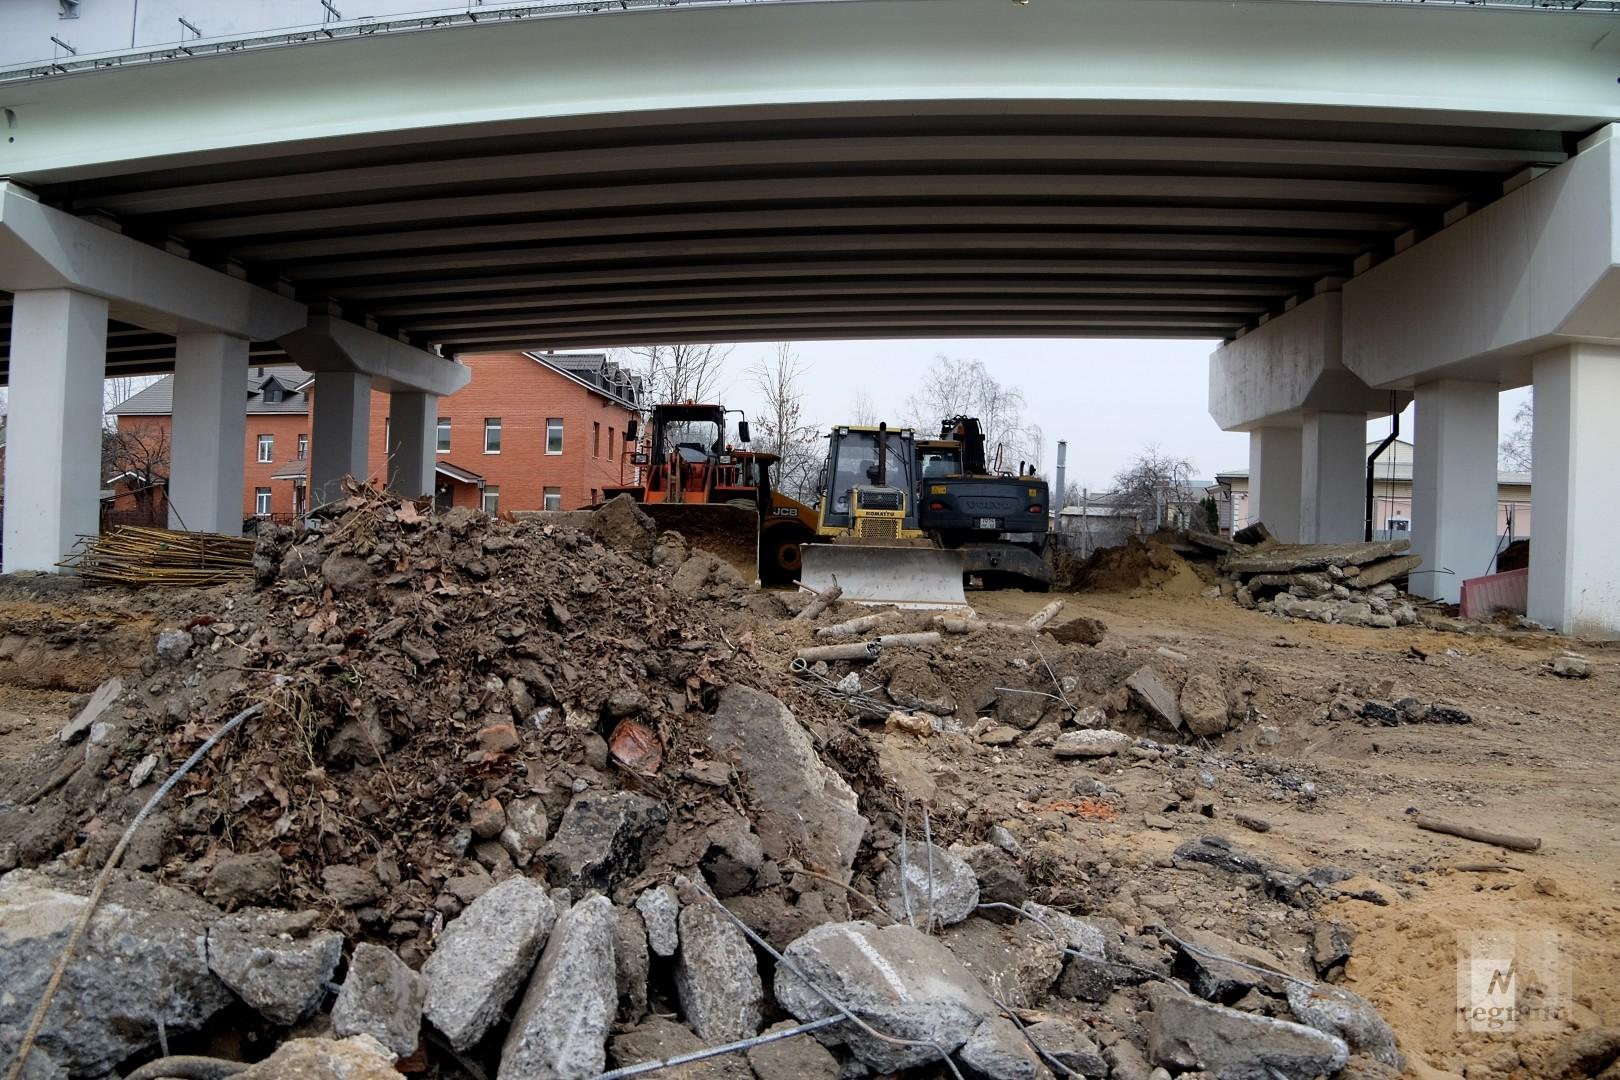 Салтыковская эстакада в день открытия. Техника и строительный мусор